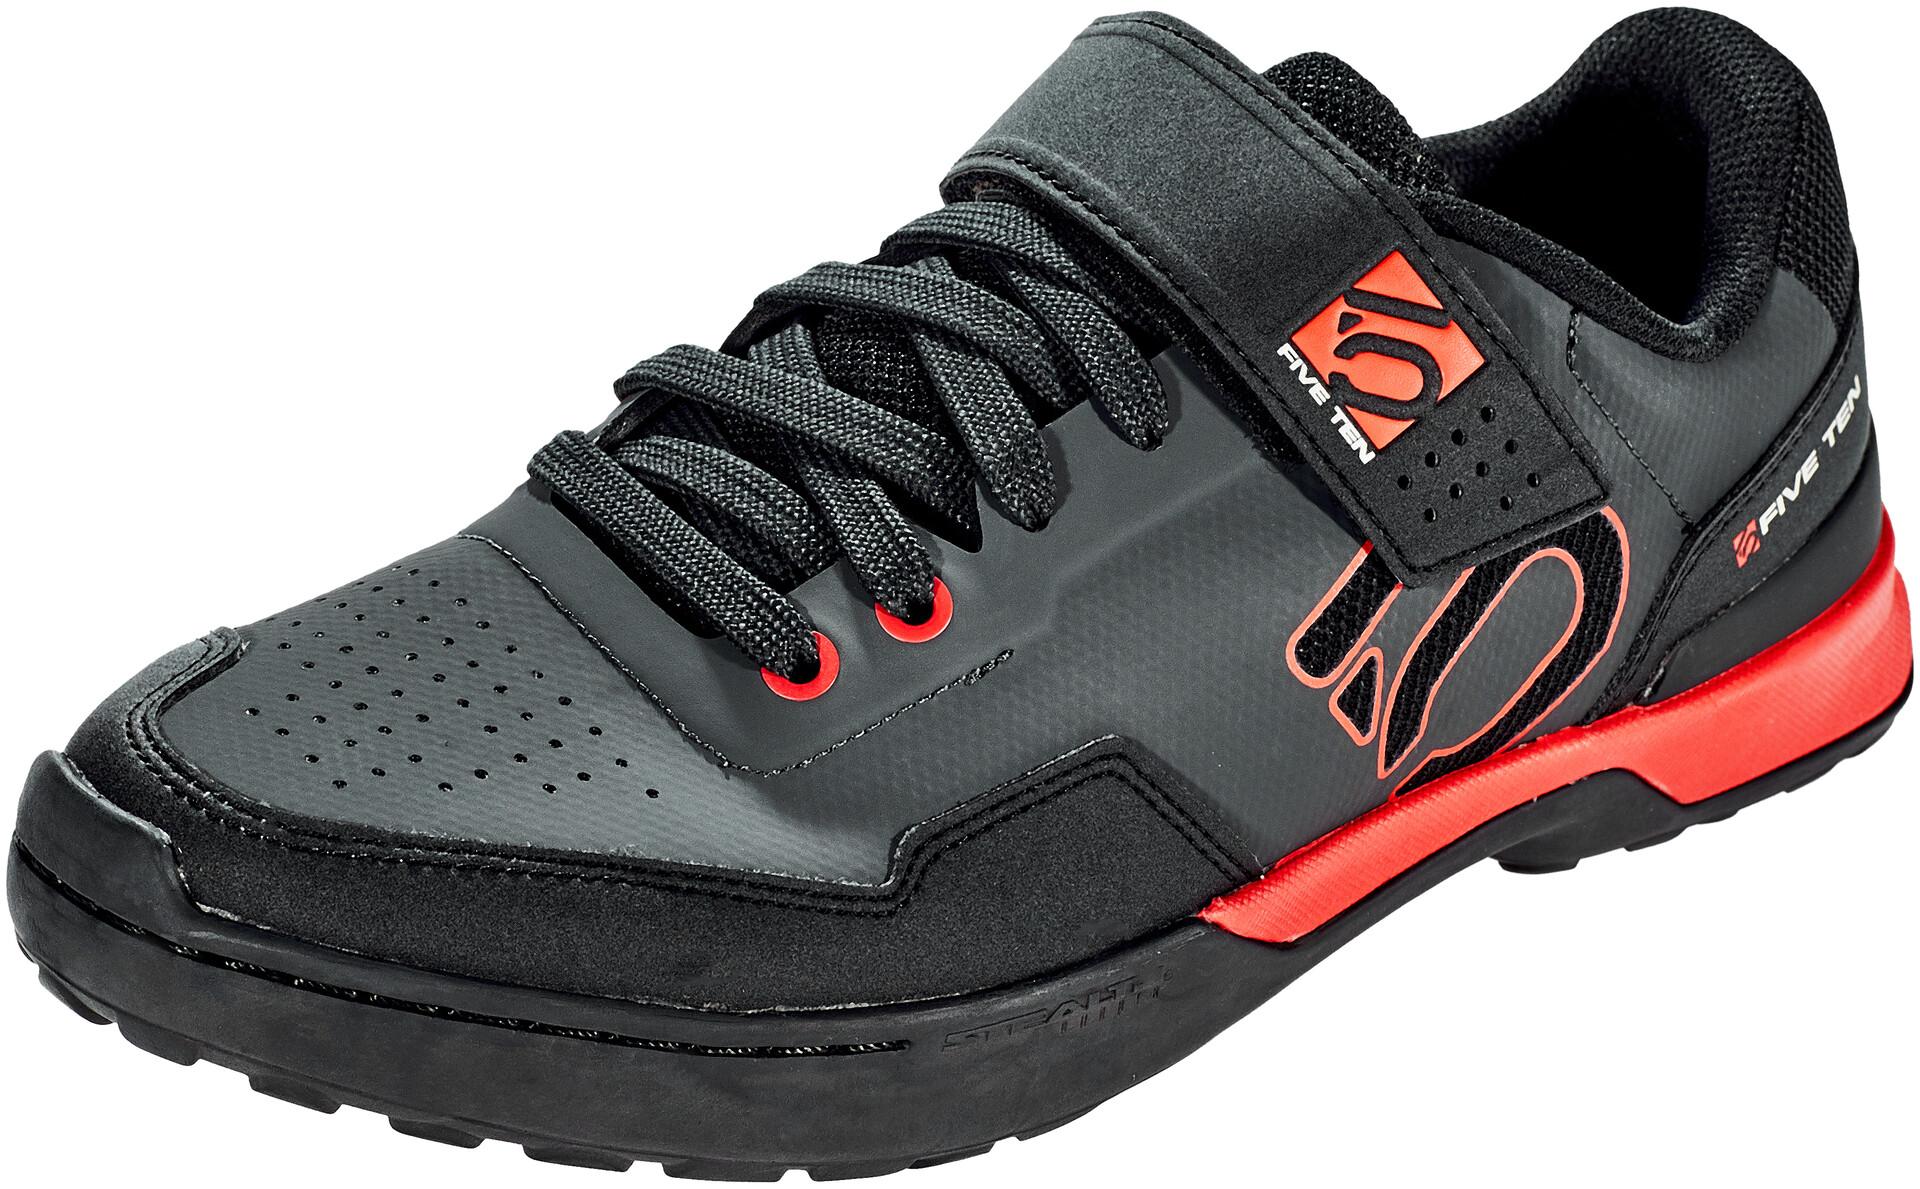 adidas Five Ten 5.10 Kestrel Lace Shoes Herre carboncore blackred